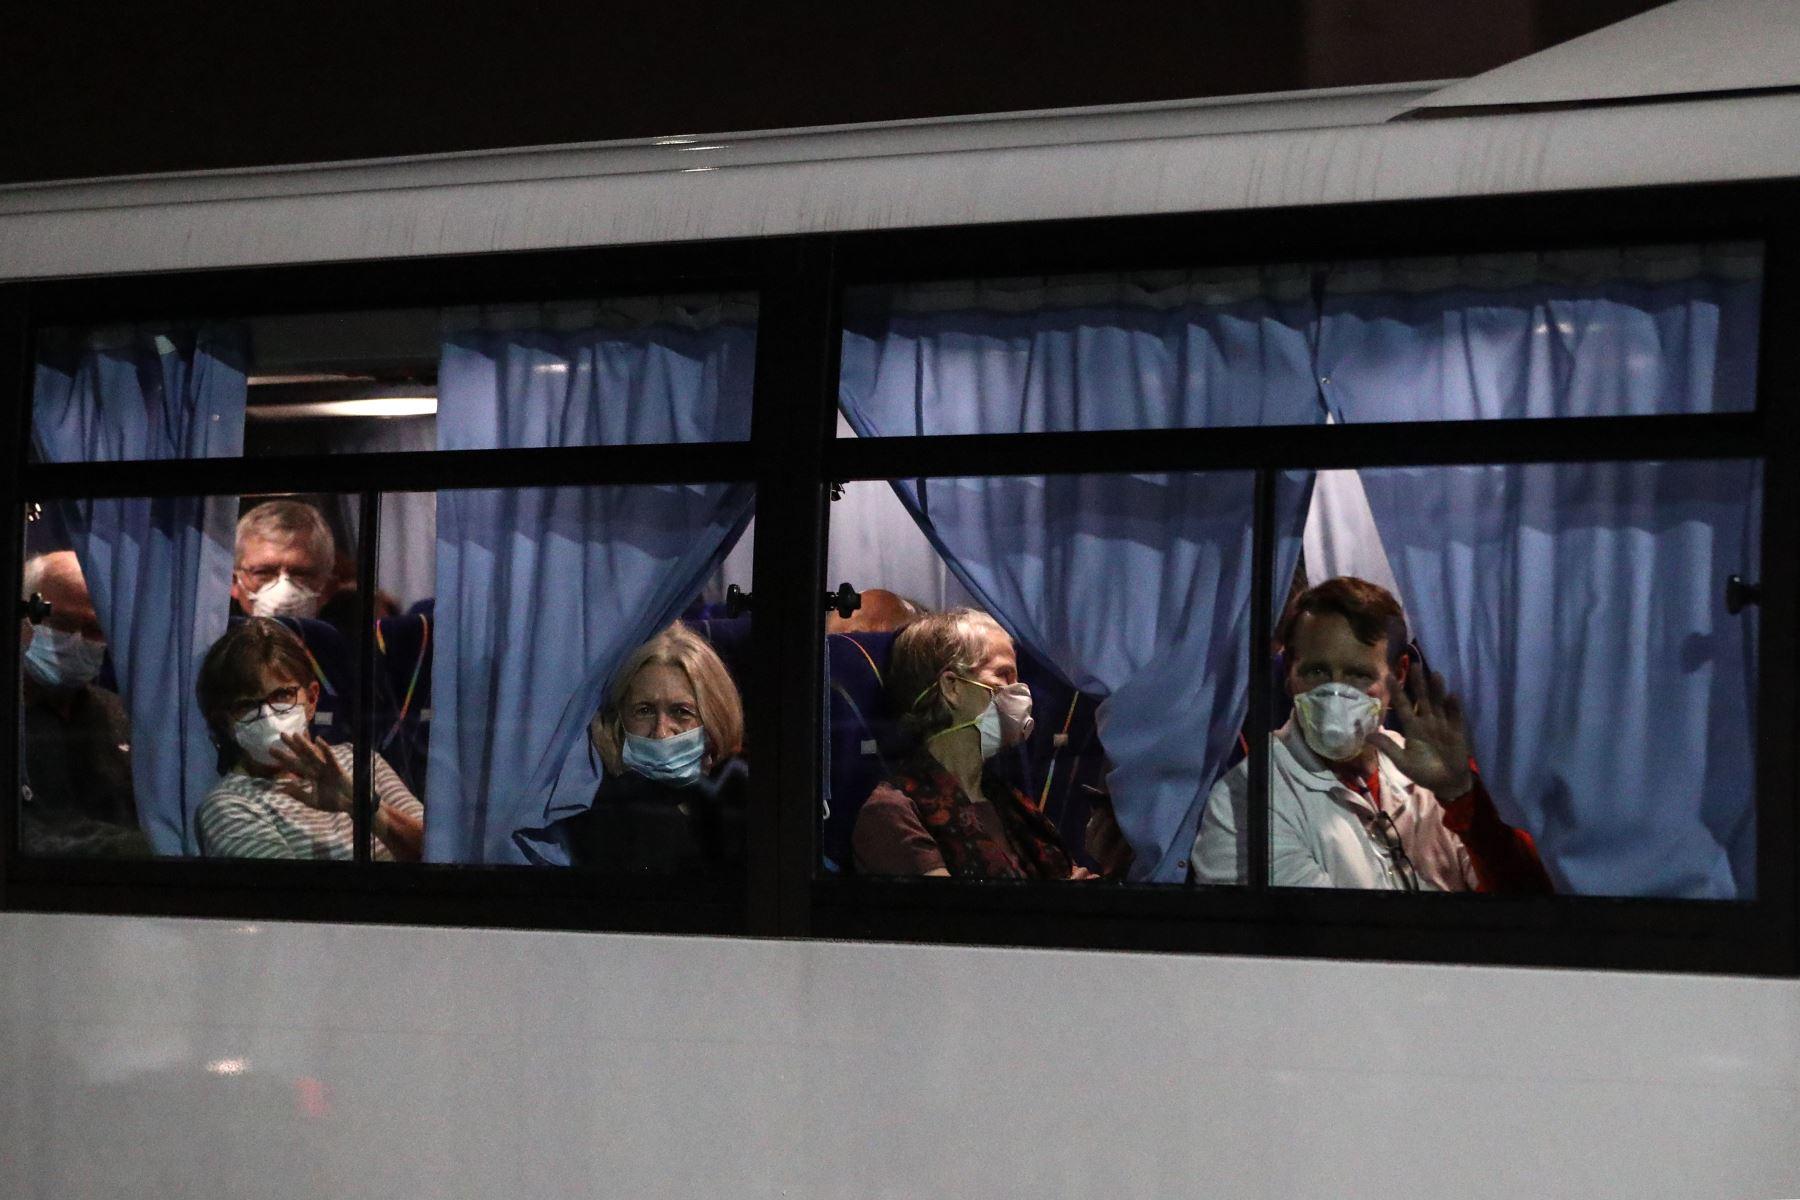 Estadounidenses comenzaron a abandonar un crucero en cuarentena para abordar vuelos fletados a casa debido que el número de casos de coronavirus diagnosticados en el barco aumentó a 355. Foto: AFP